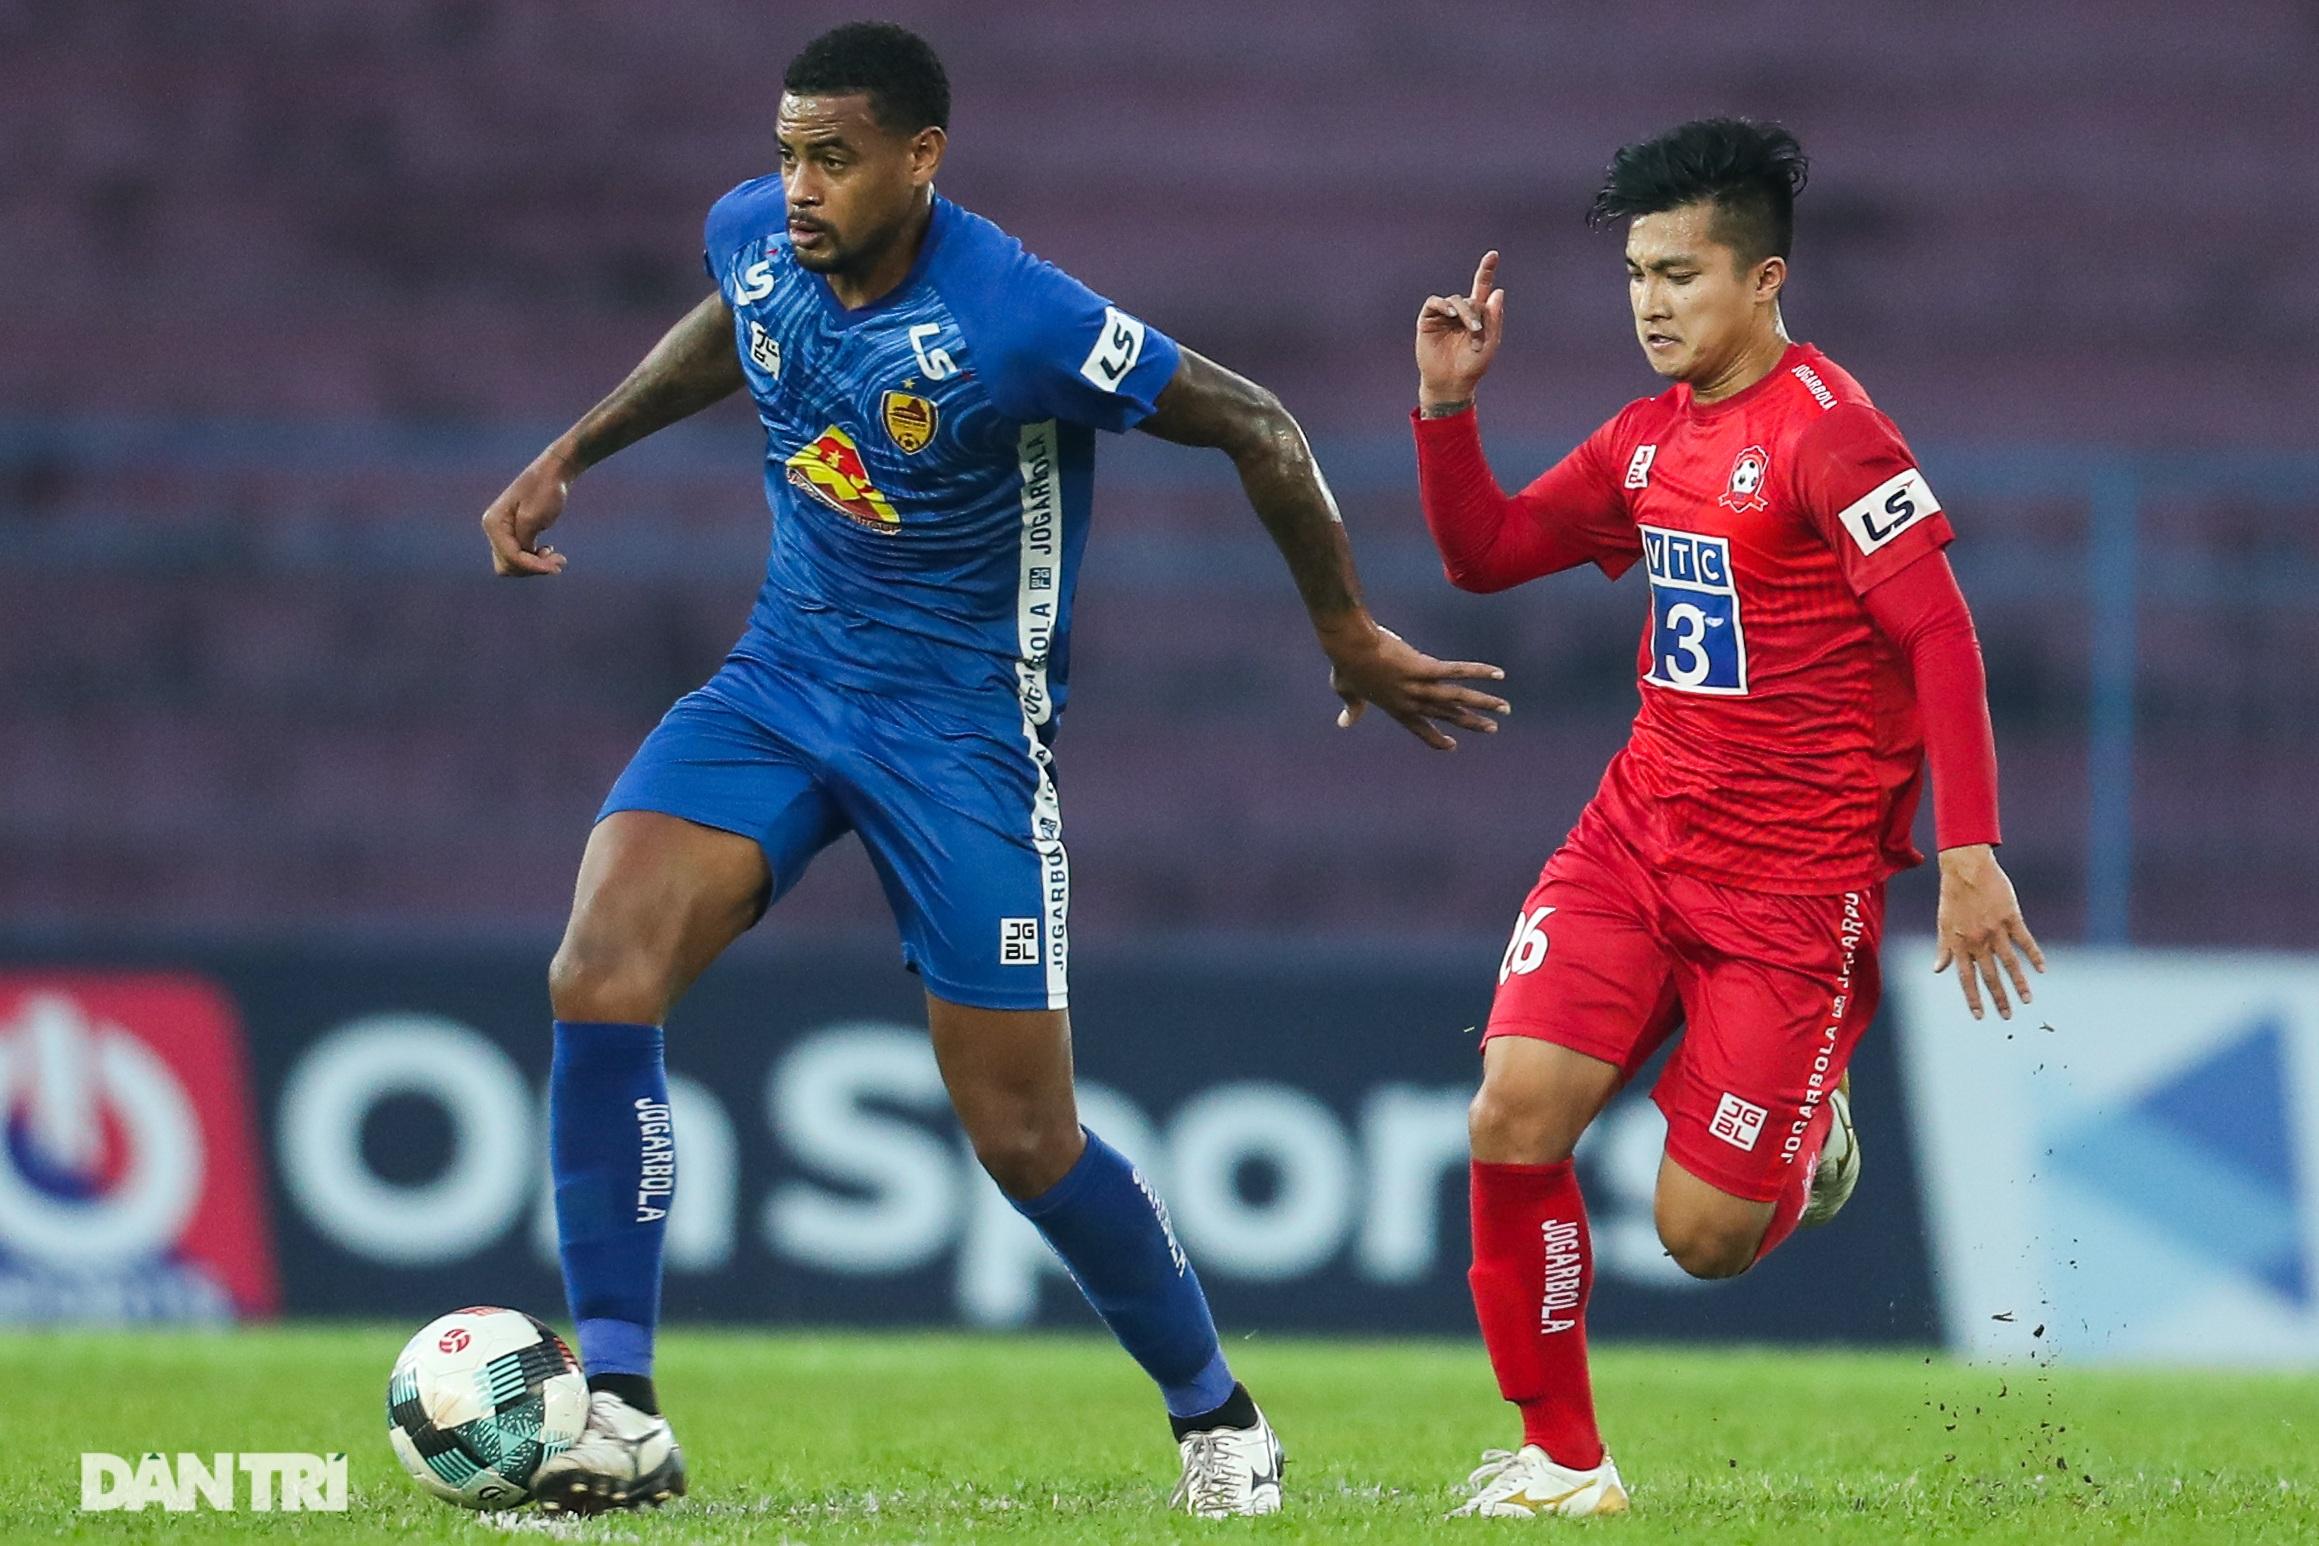 Thắng áp đảo nhưng CLB Quảng Nam vẫn phải xuống hạng, các cầu thủ bật khóc - 3